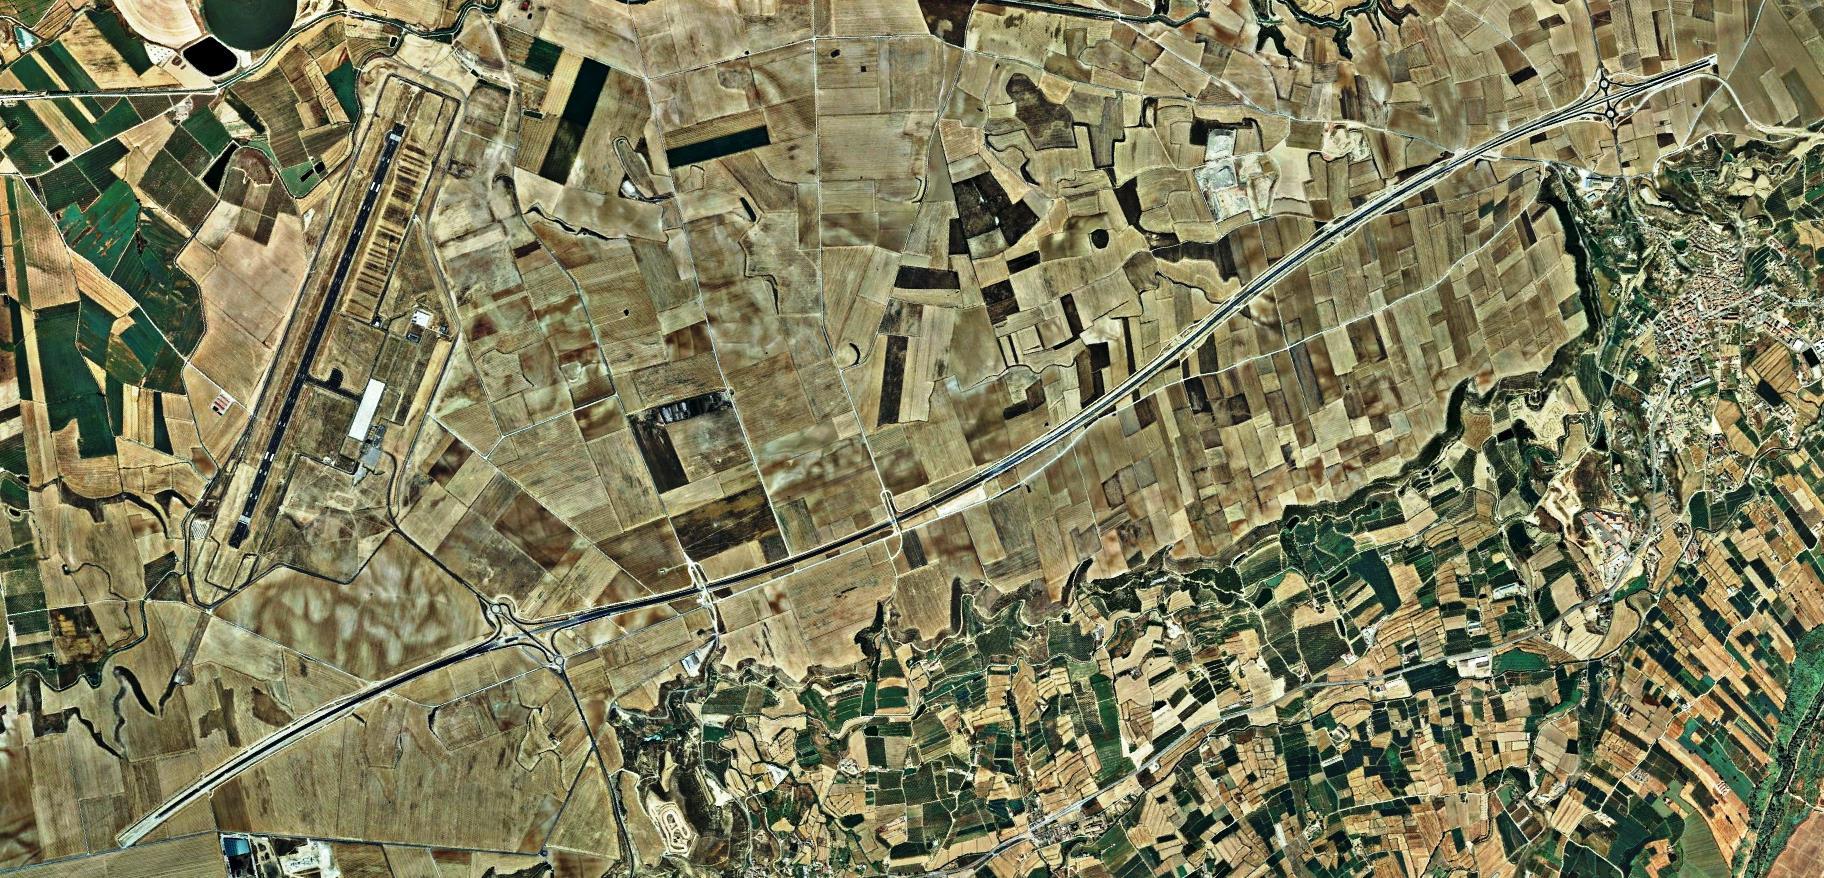 después, urbanismo, foto aérea,desastre, urbanístico, planeamiento, urbano, construcción, autopista, a ningún sitio, Lleida, Lérida, Alguaire, Almenar, A-14